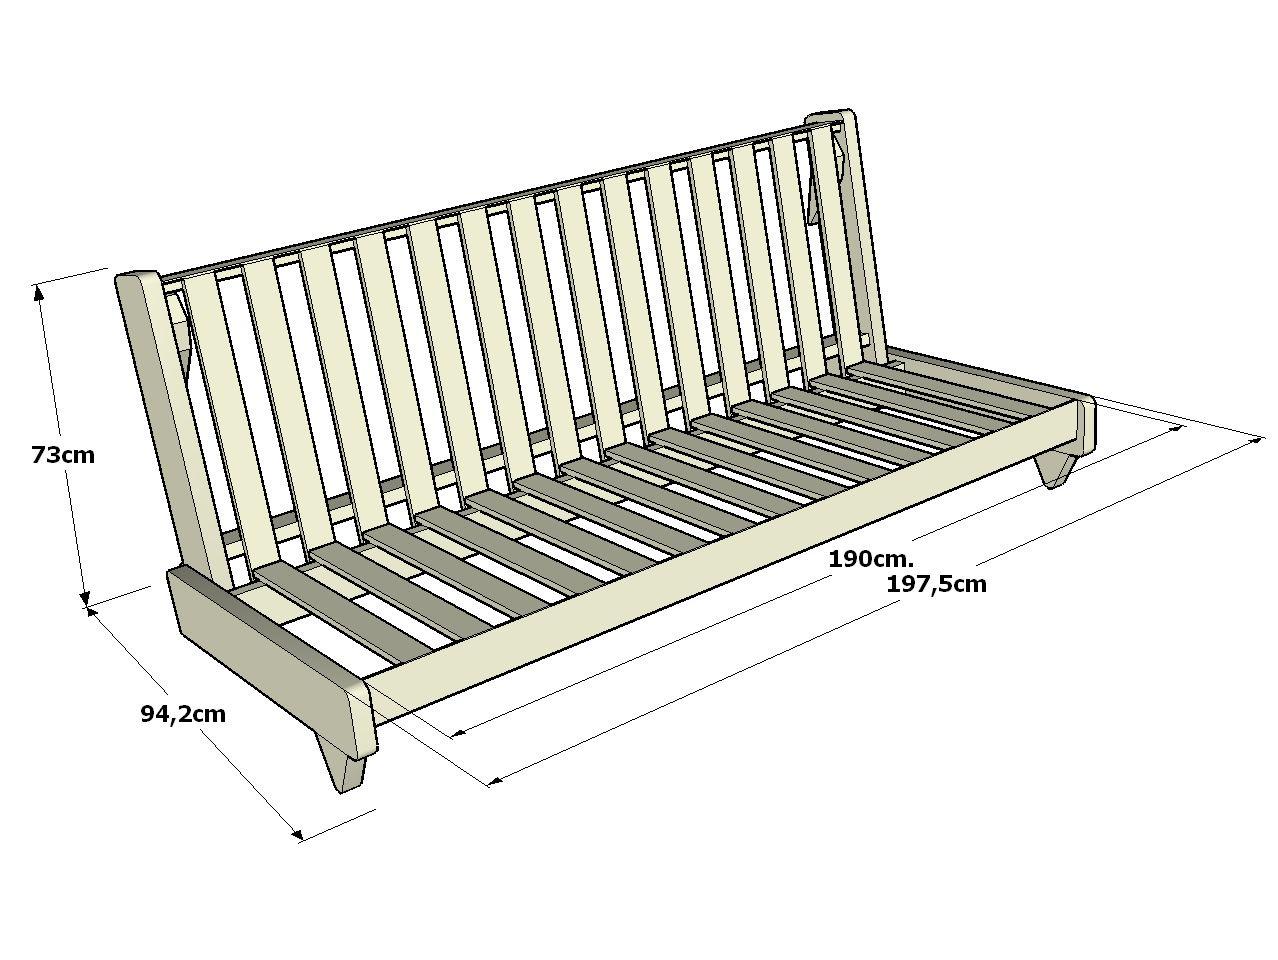 Sof cama fresh estructura en posici n sof haiku futon sof antiguo pinterest madera - Haiku futon ...